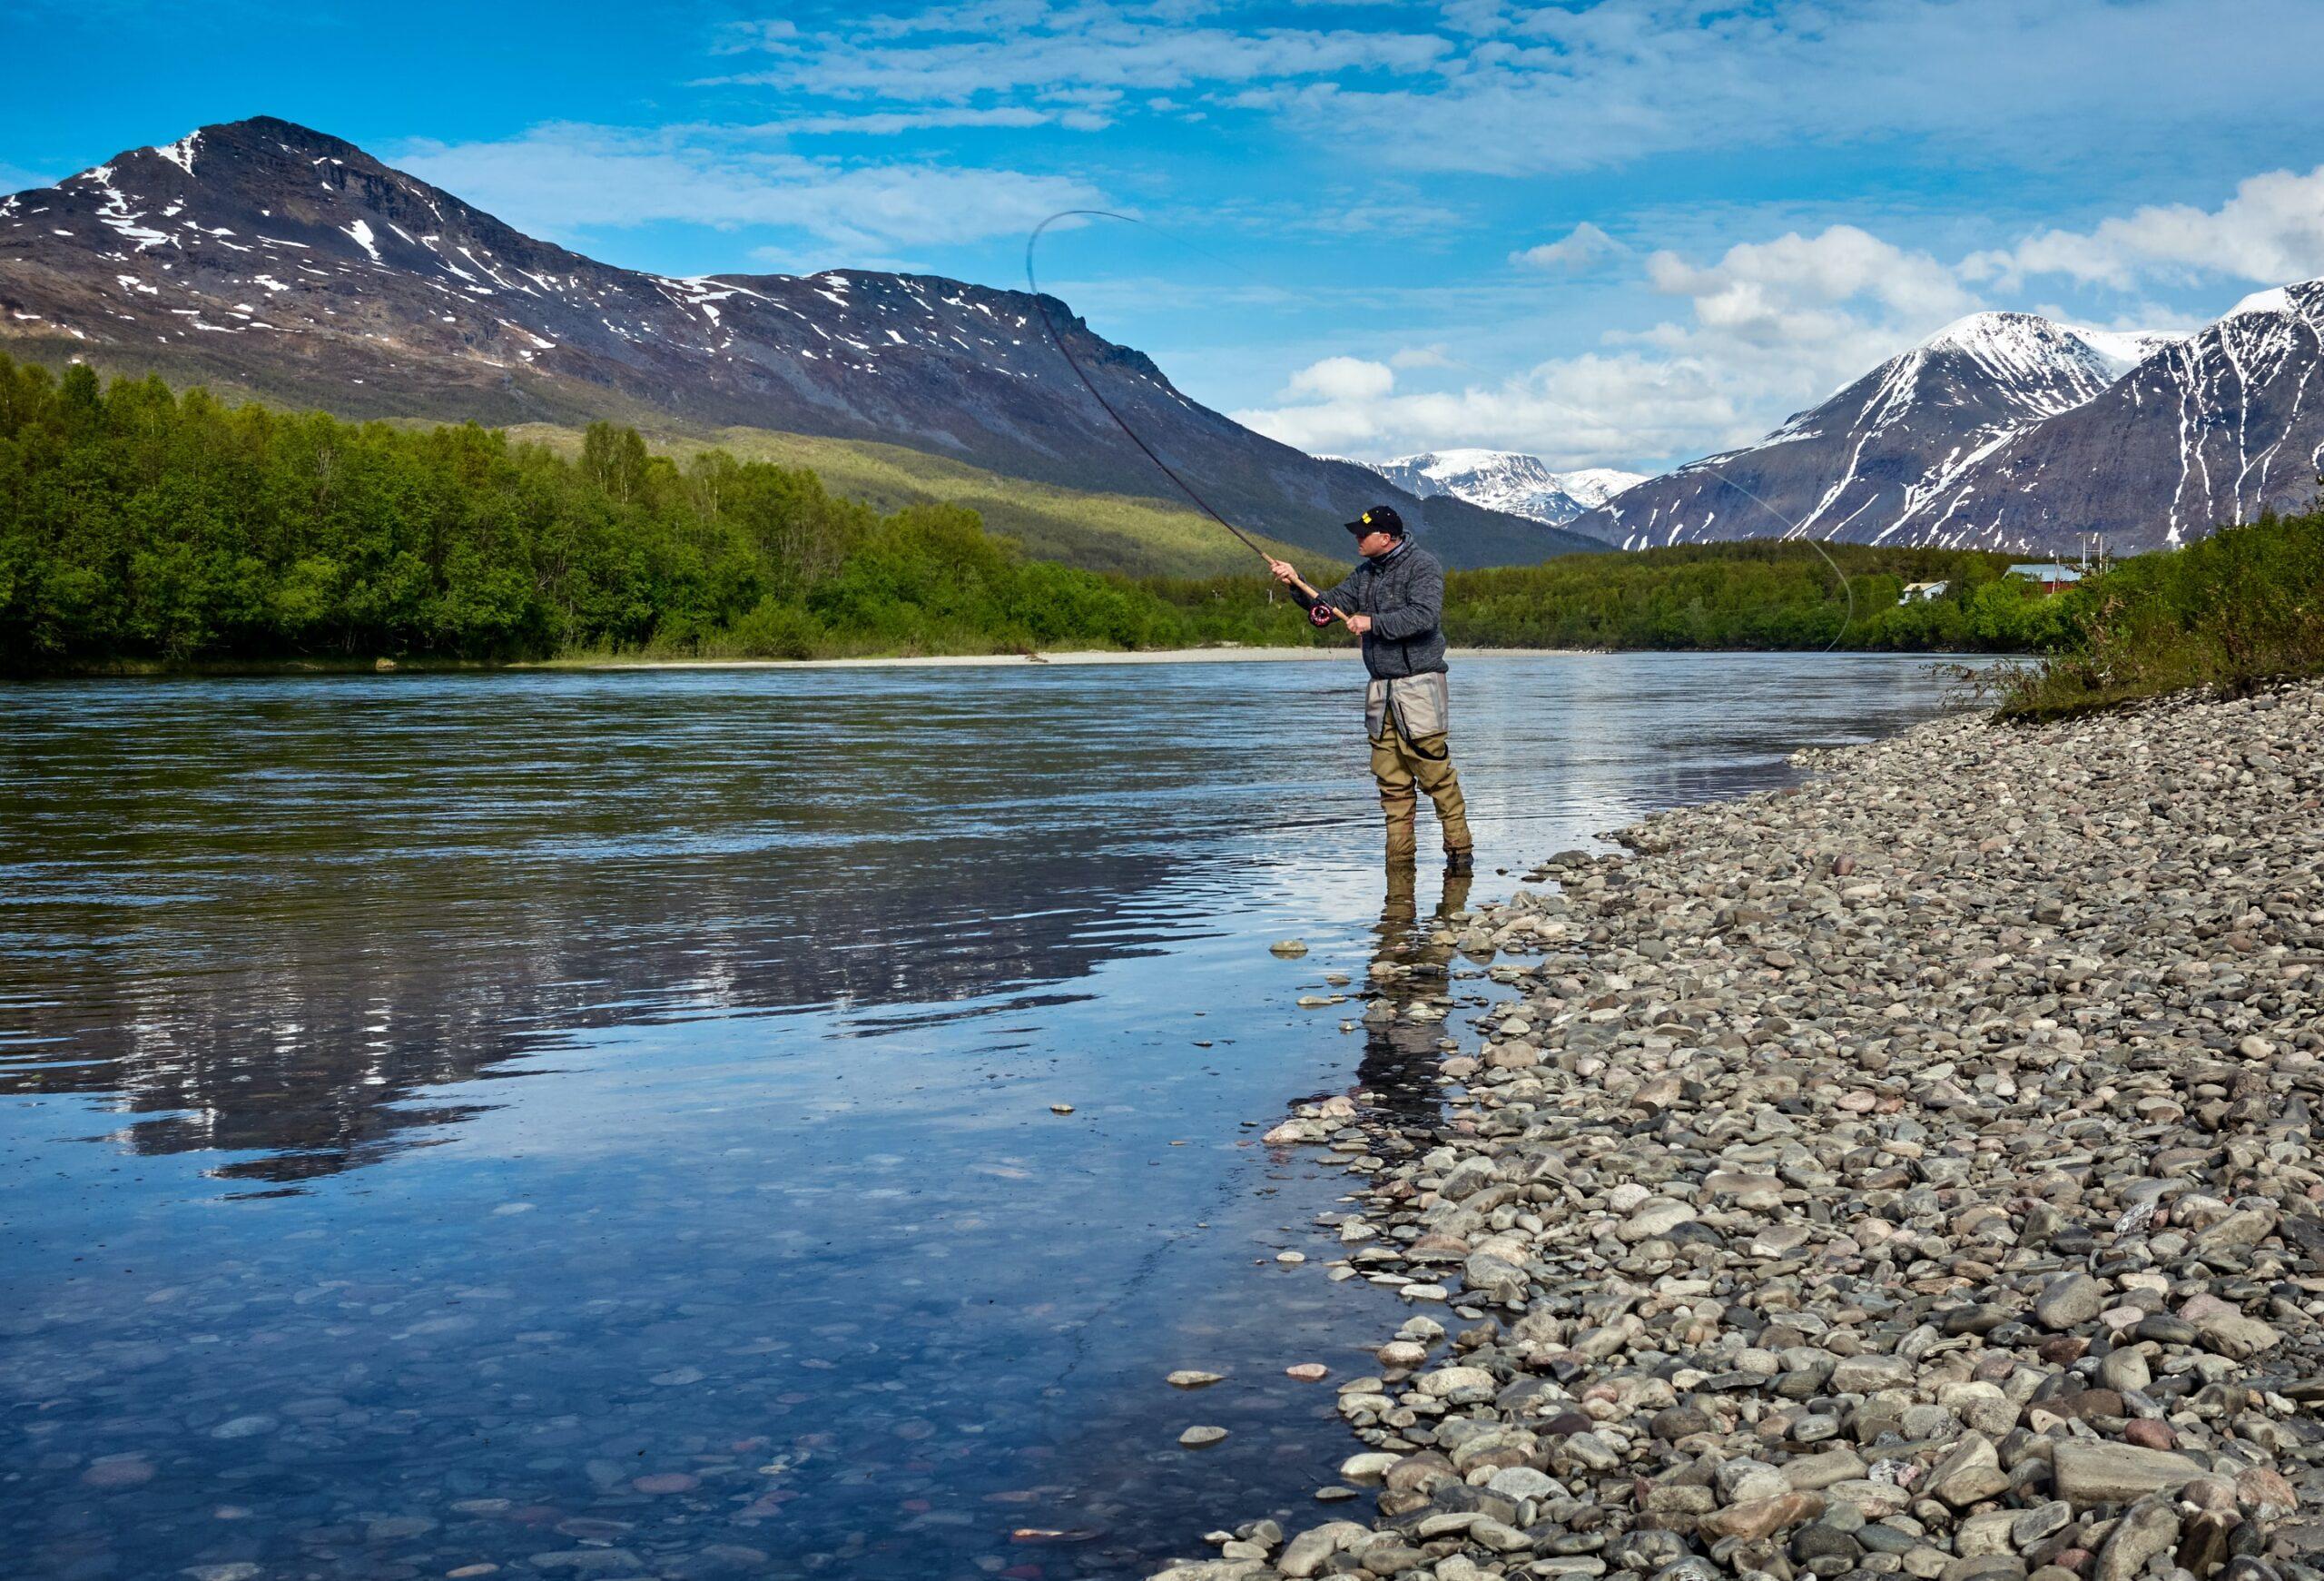 グラスマスター フライロッドのような竿で釣りをする人